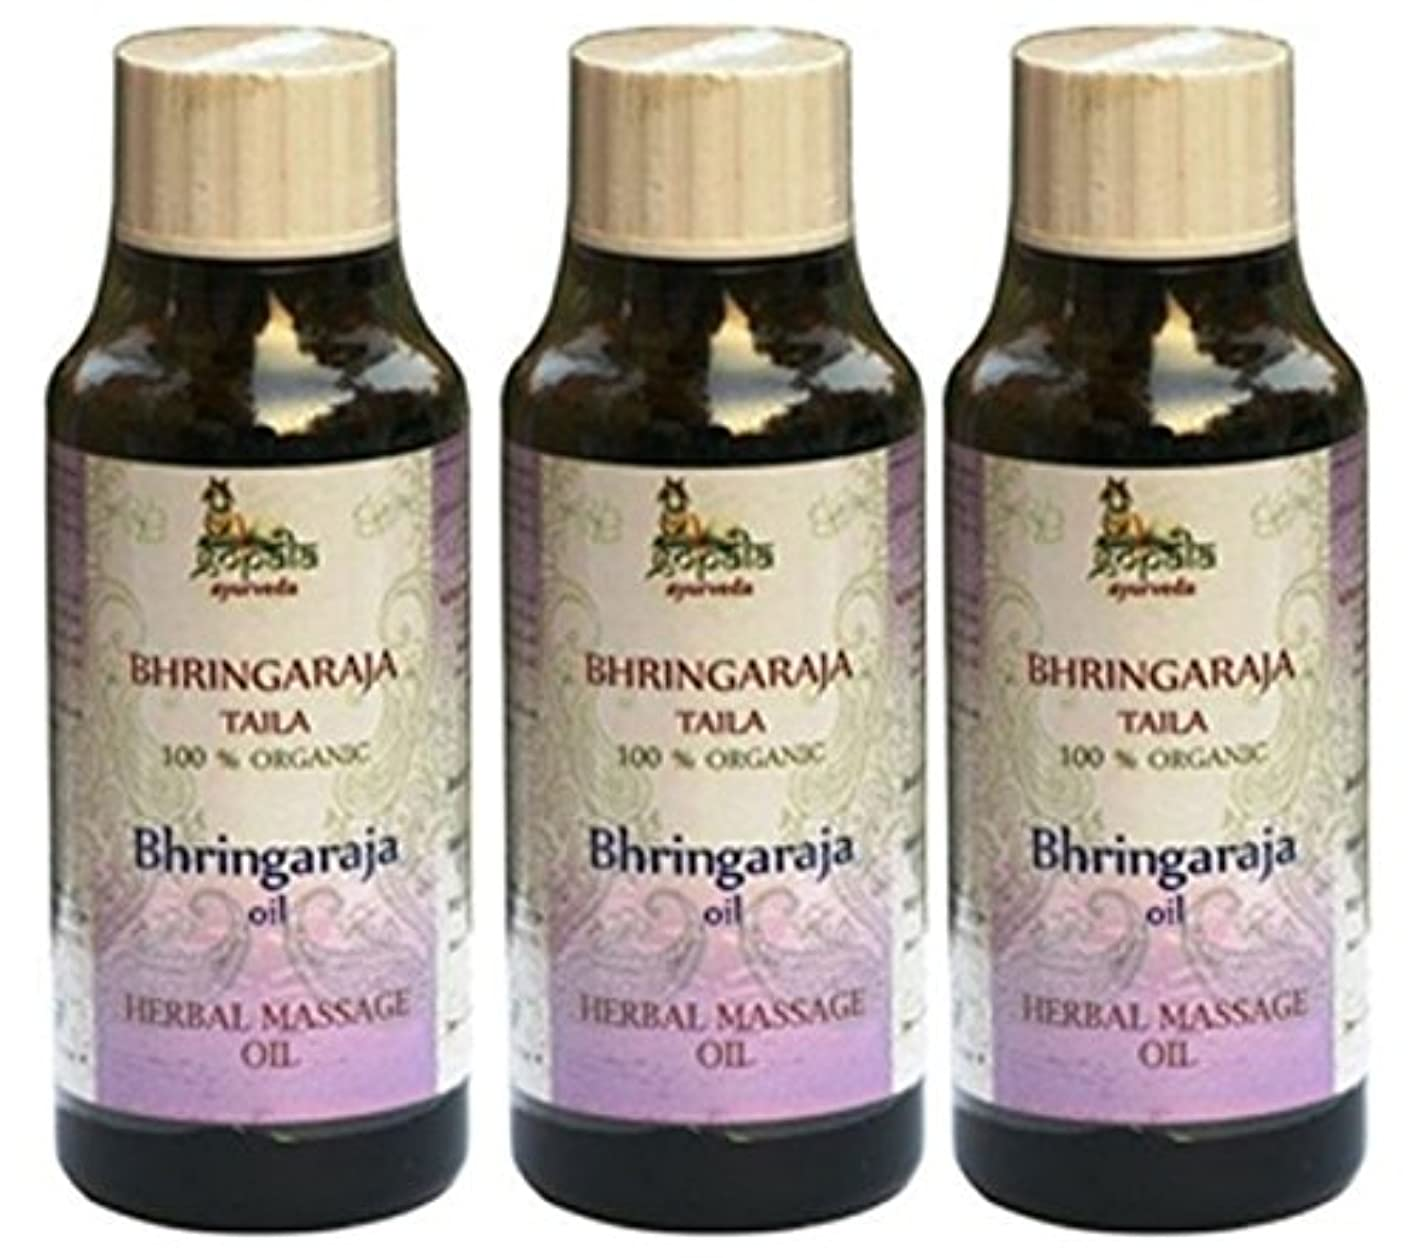 煙突移民布Bhringraja Oil - 100% USDA CERTIFIED ORGANIC - Ayurvedic Hair Massage Oil - 150ml (Pack of 3) - EXPEDITED DELIVERY